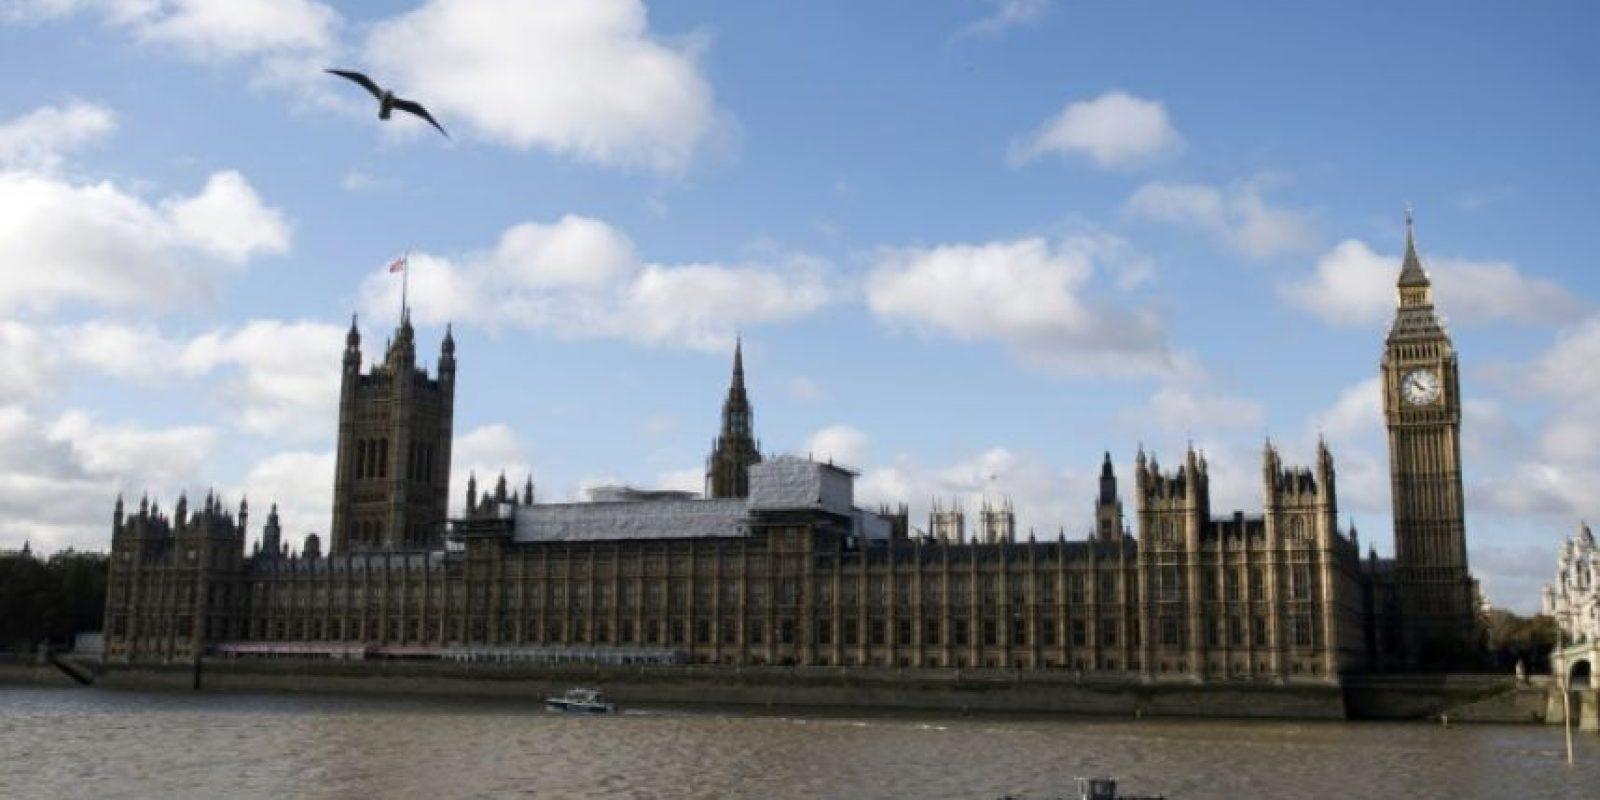 El río Támesis a su paso por la sede del Parlamento británico, en el centro de Londres el 7 de noviembre de 2016 Foto:Justin Tallis/afp.com